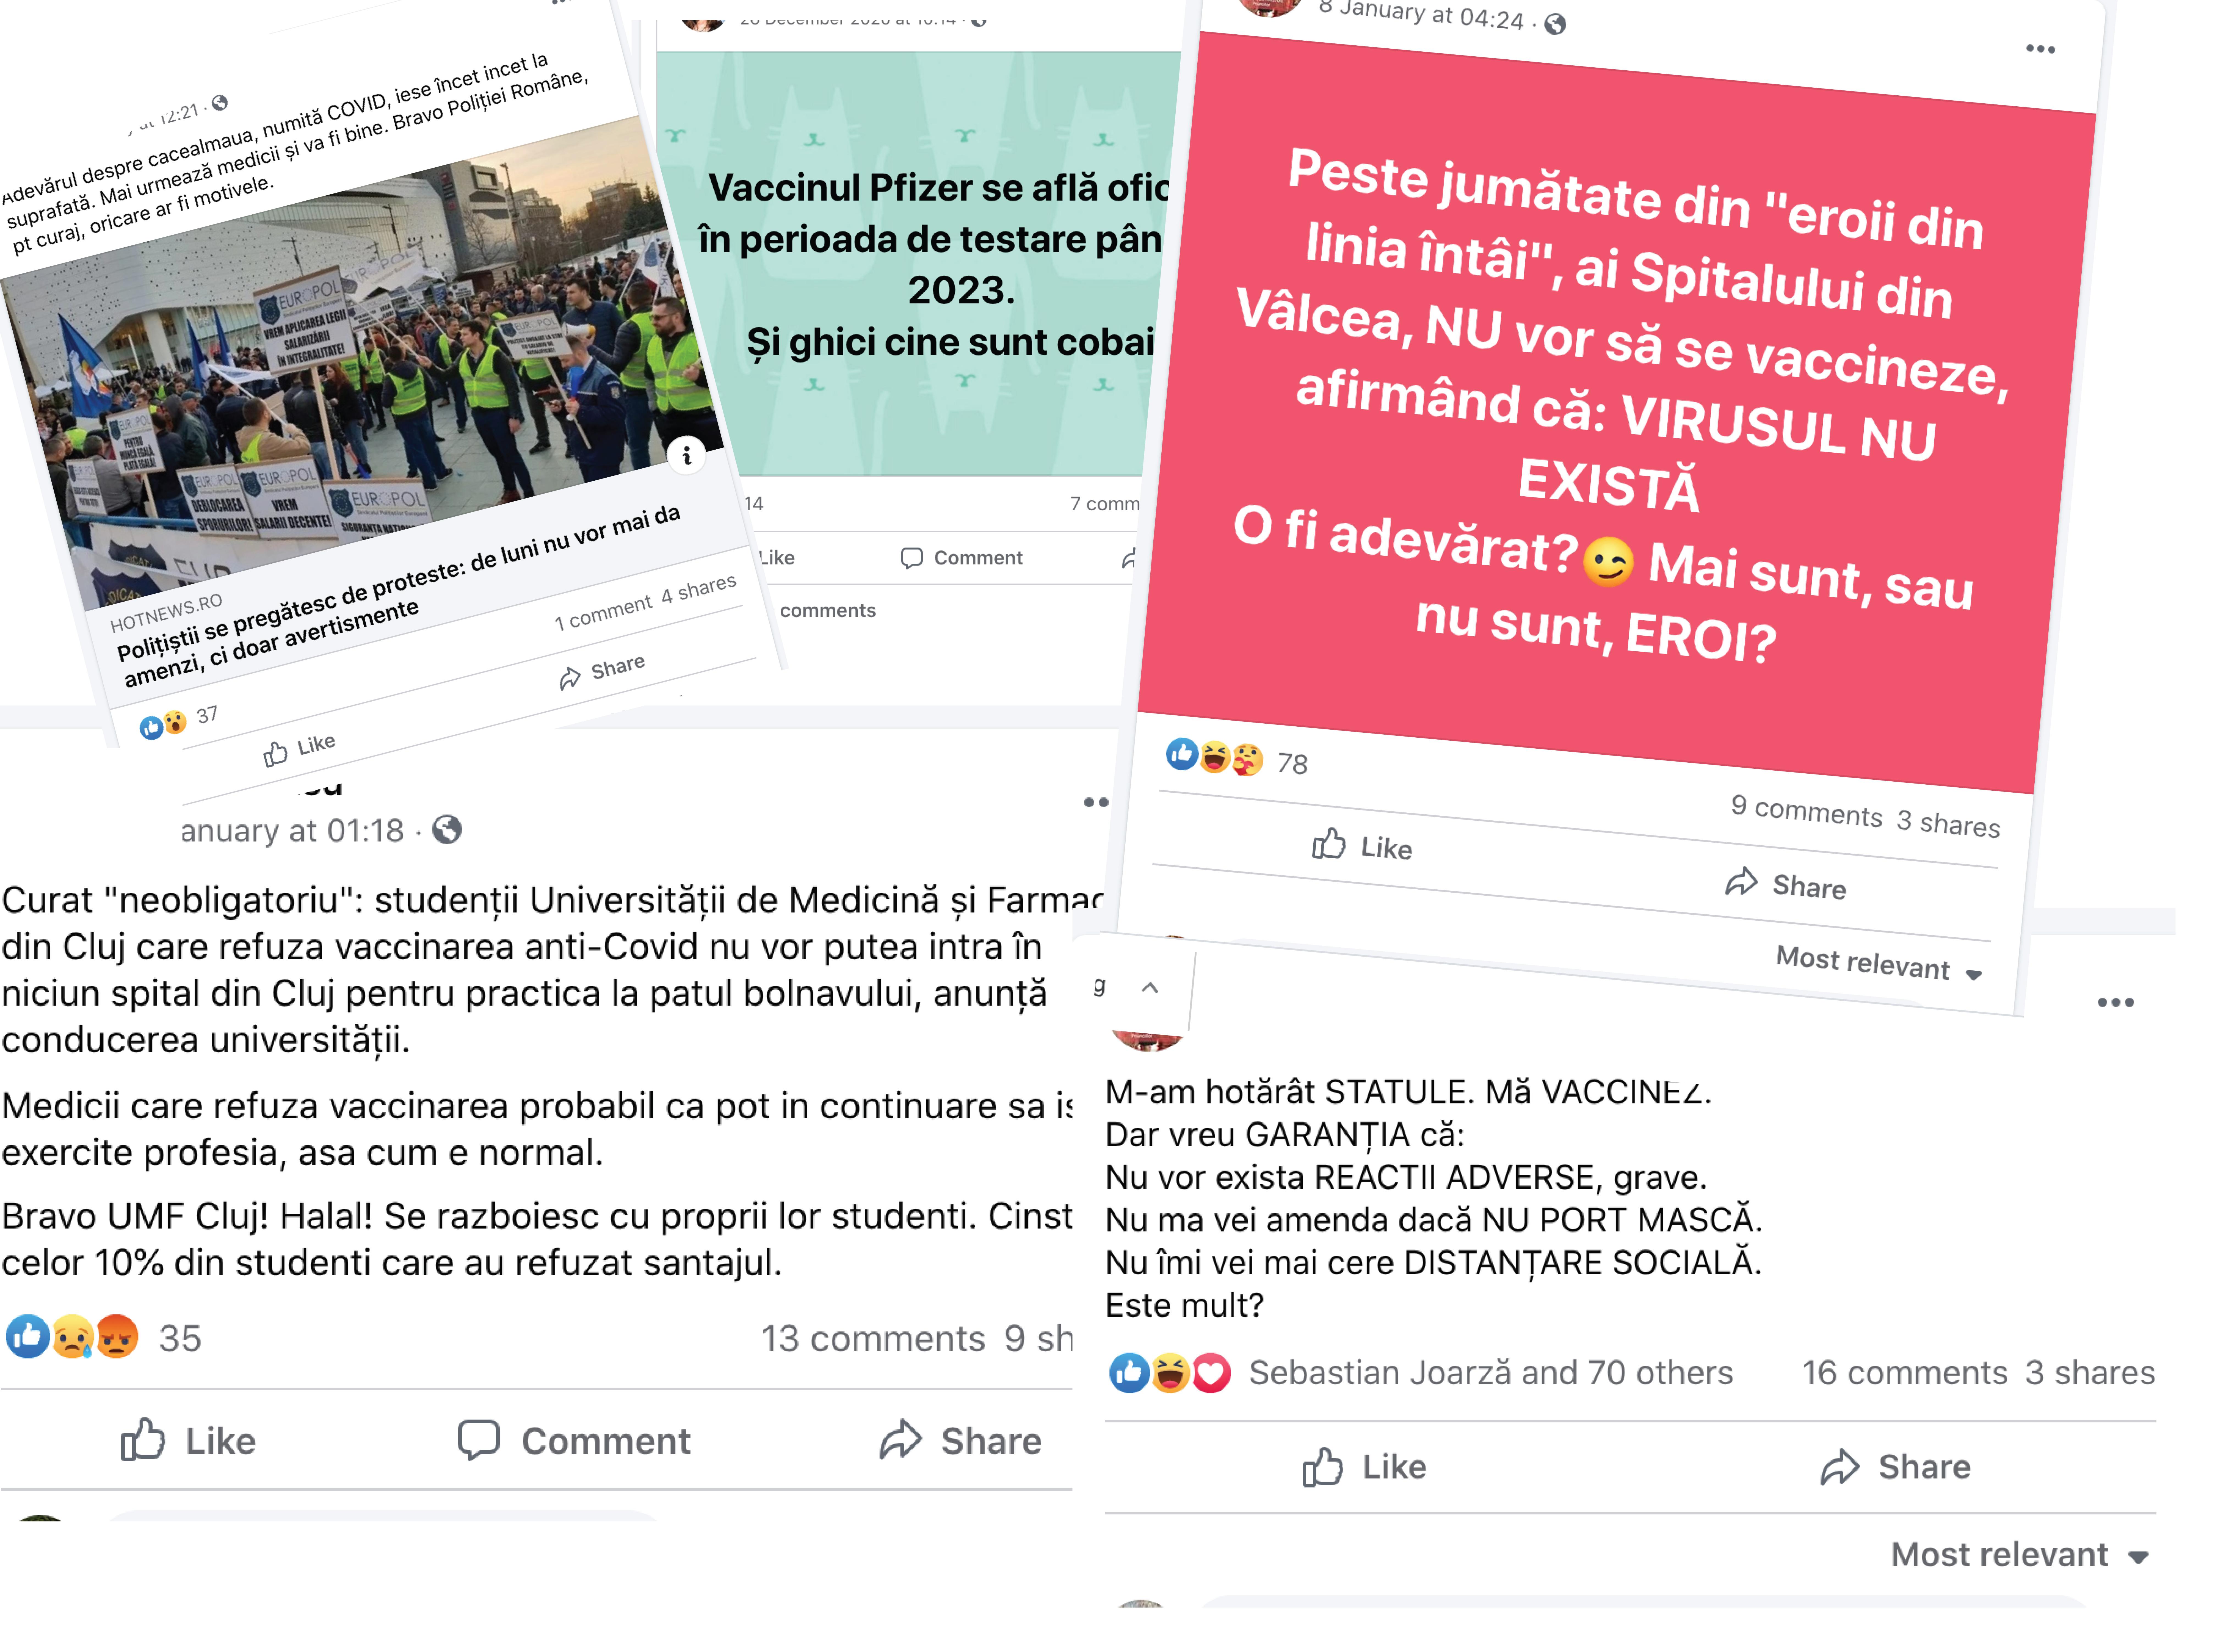 Anti-vacciniștii sibieni: Războinici pe Facebook, anonimi atunci când li se cere opinia